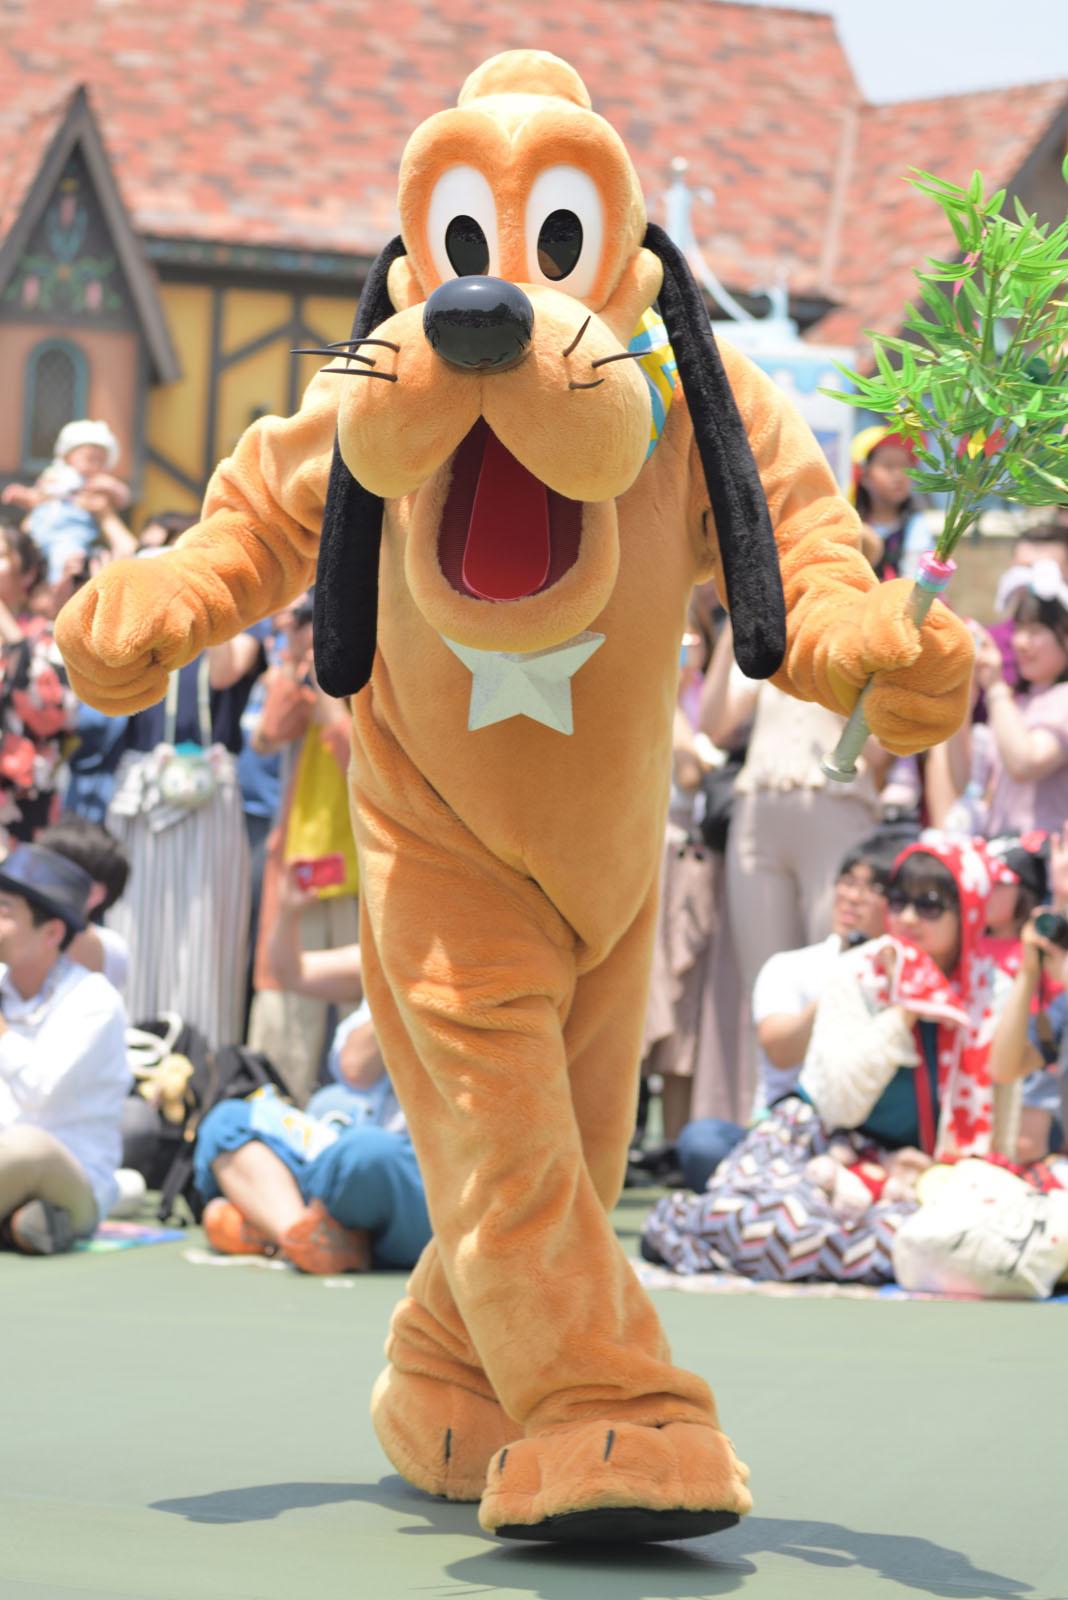 東京ディズニーランド 七夕グリーティング2019 プルート